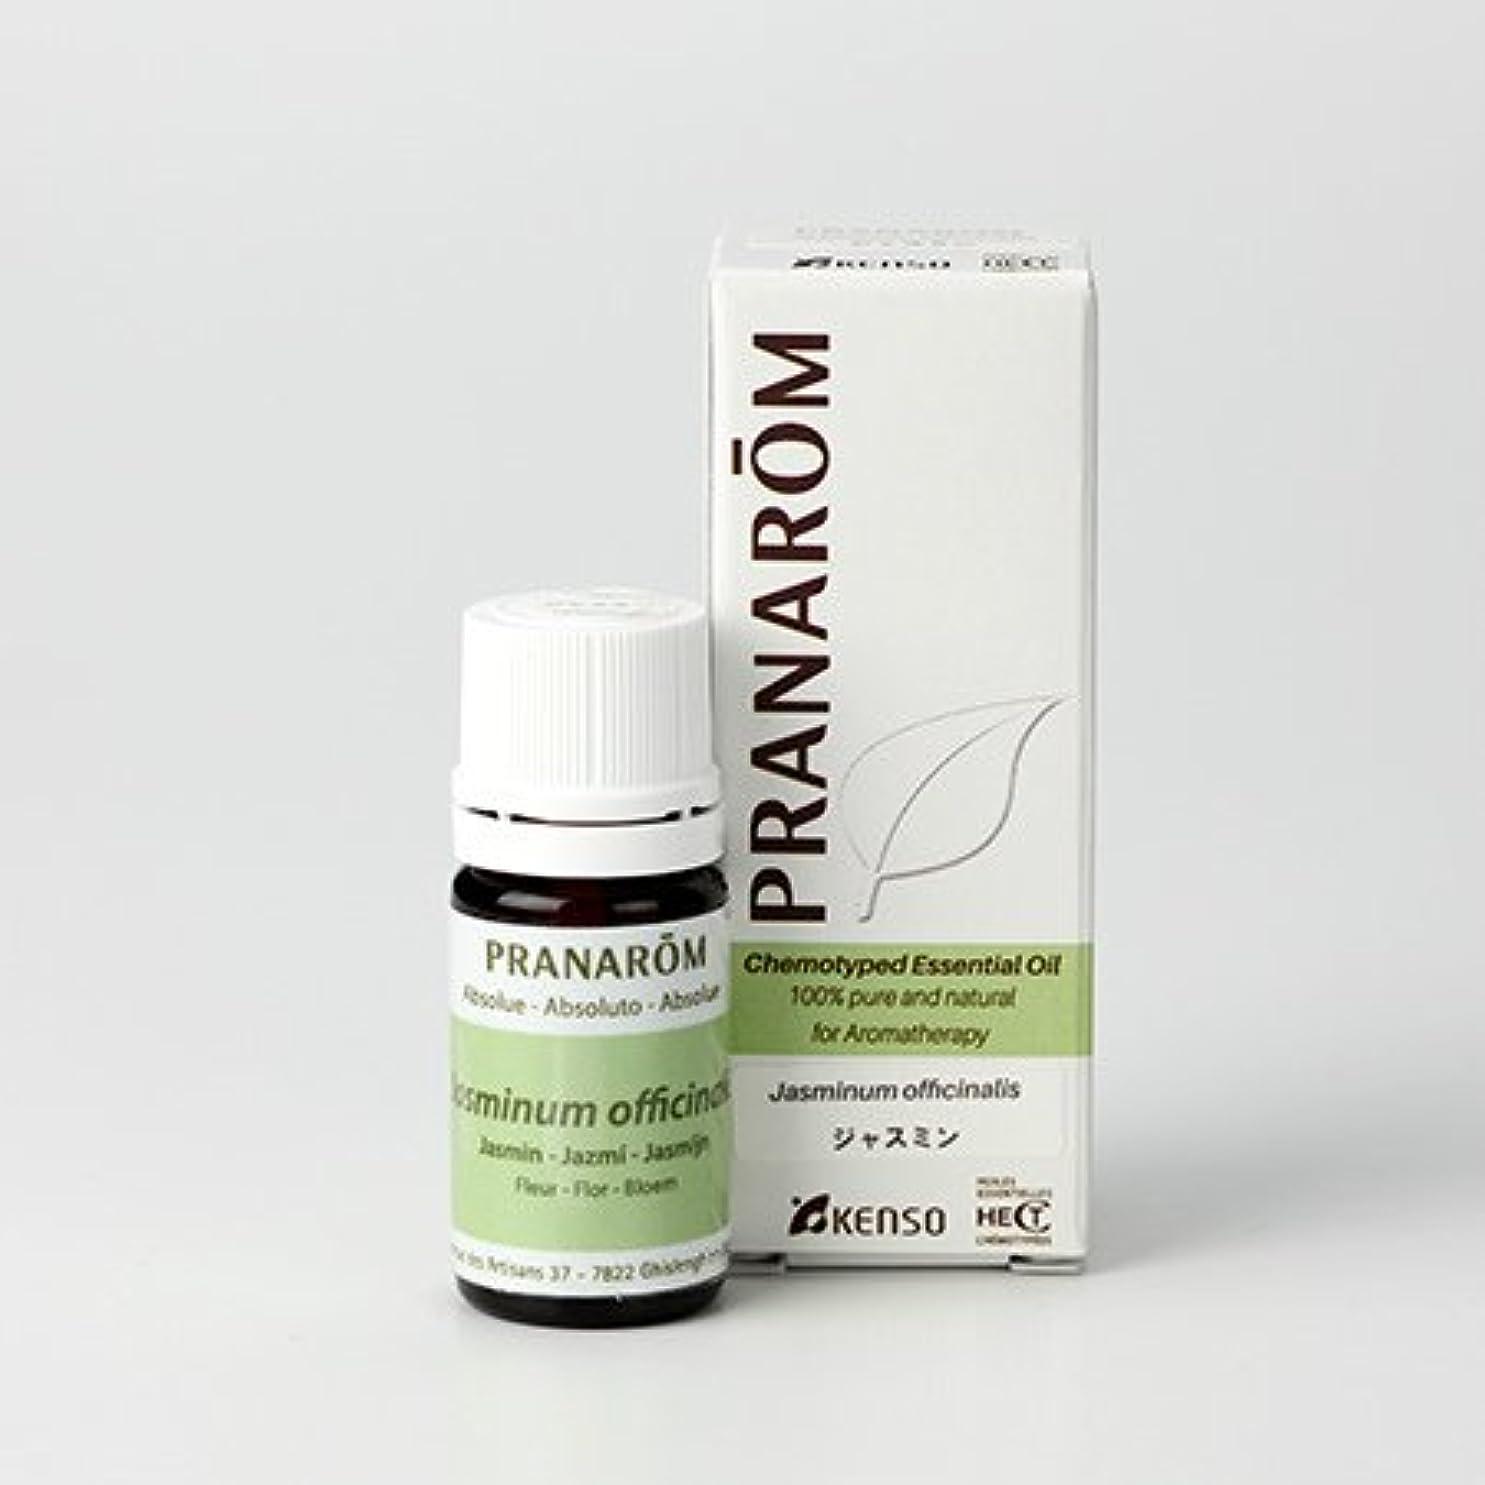 ミシン契約する特性プラナロム ジャスミンAbs. 5ml (PRANAROM ケモタイプ精油)